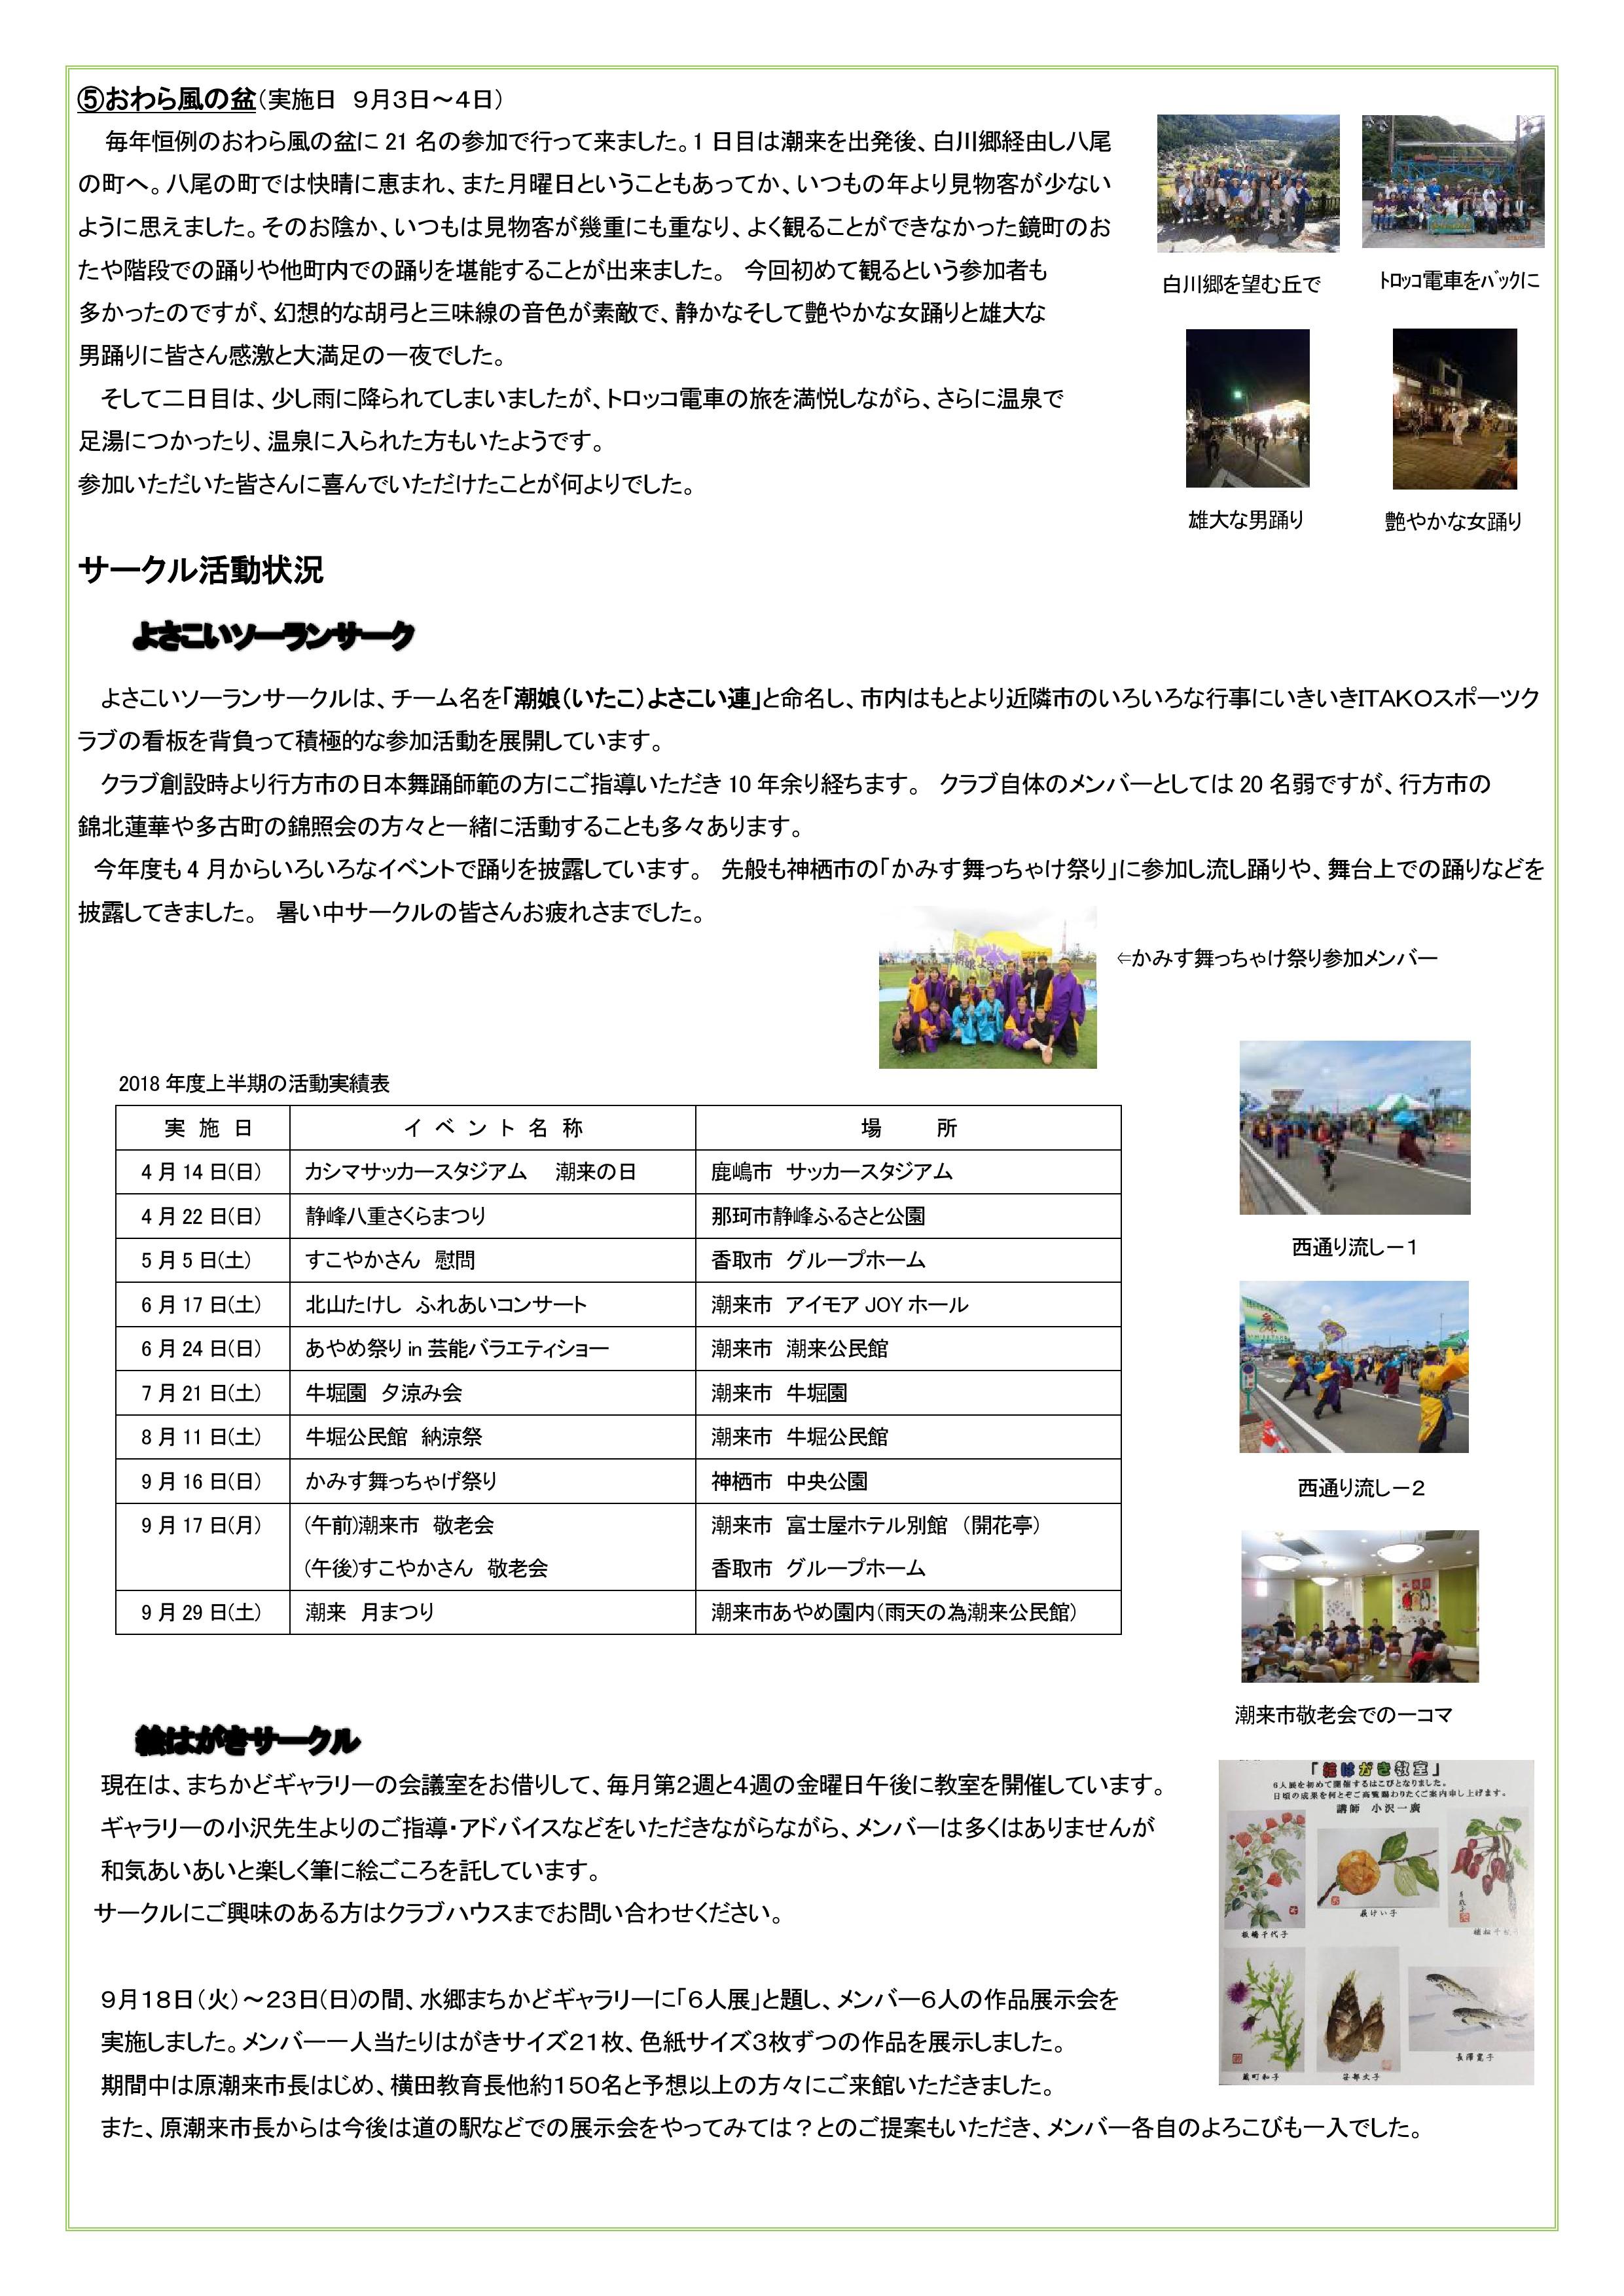 いきいきITAKOスポーツクラブ会報2018_01最終_PAGE0002